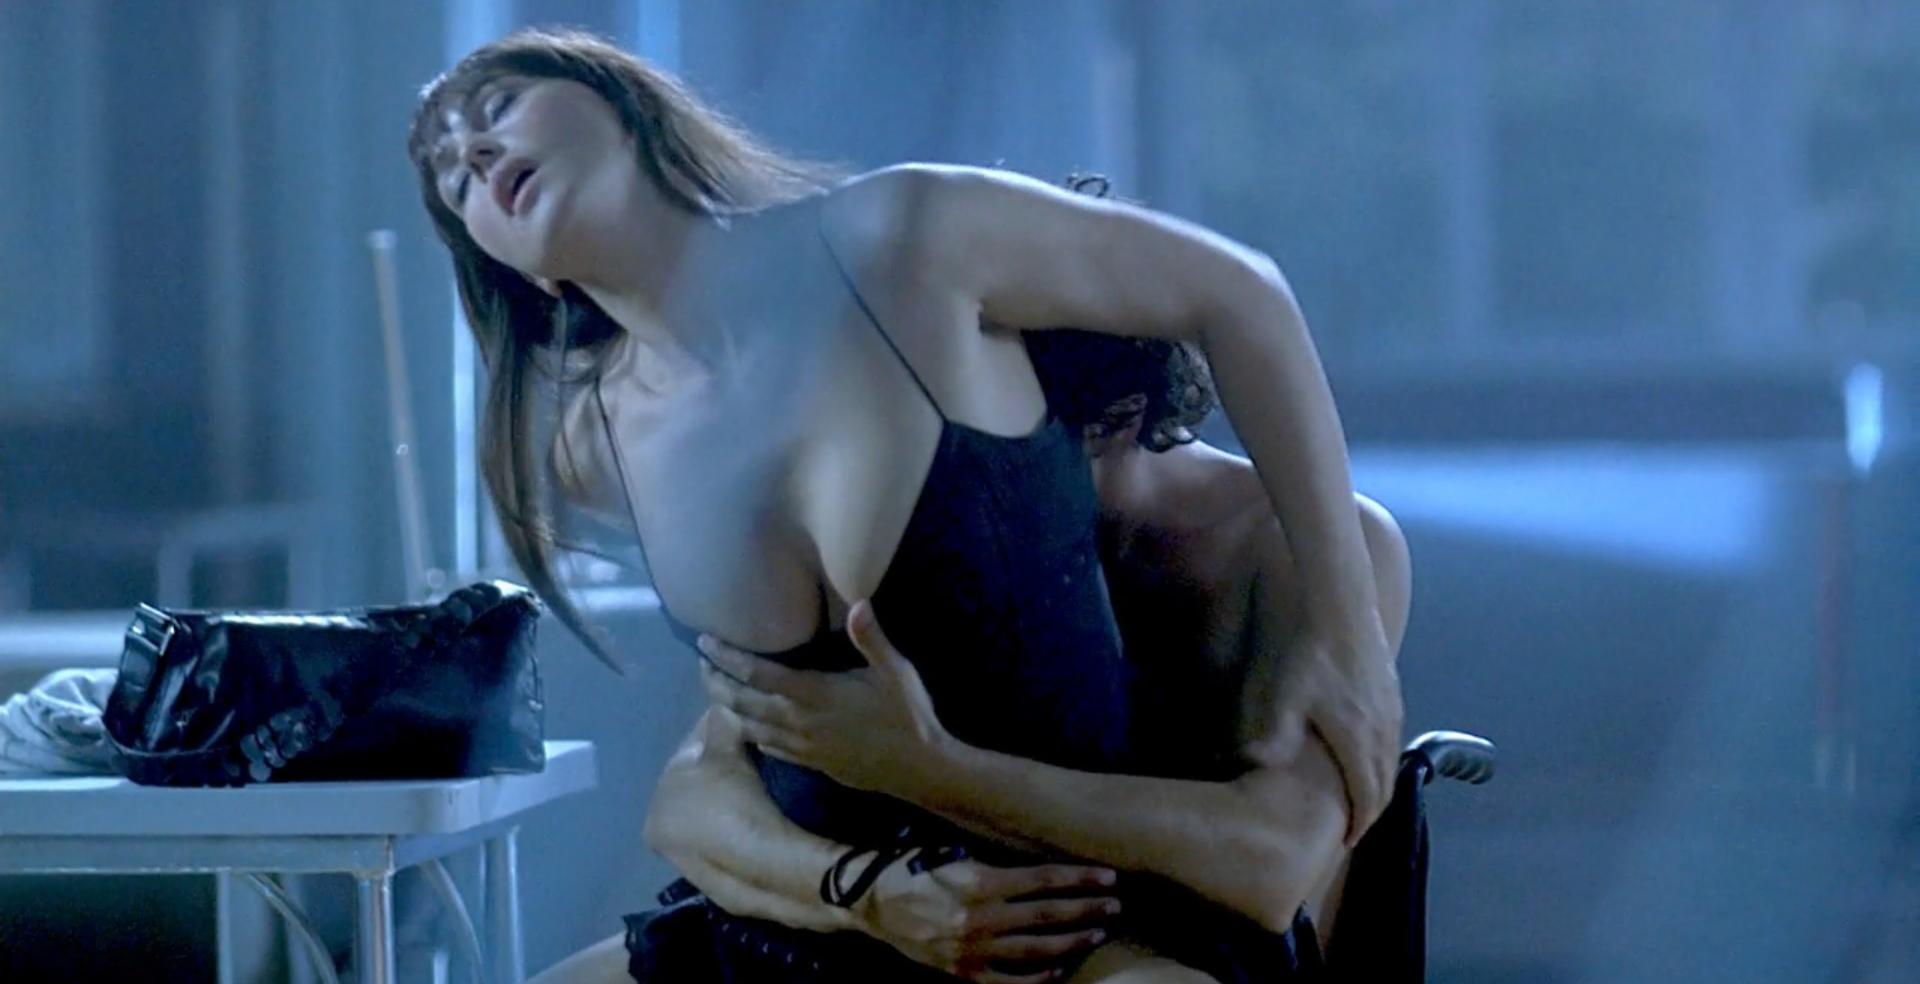 Nude movie clip of monica bellucci